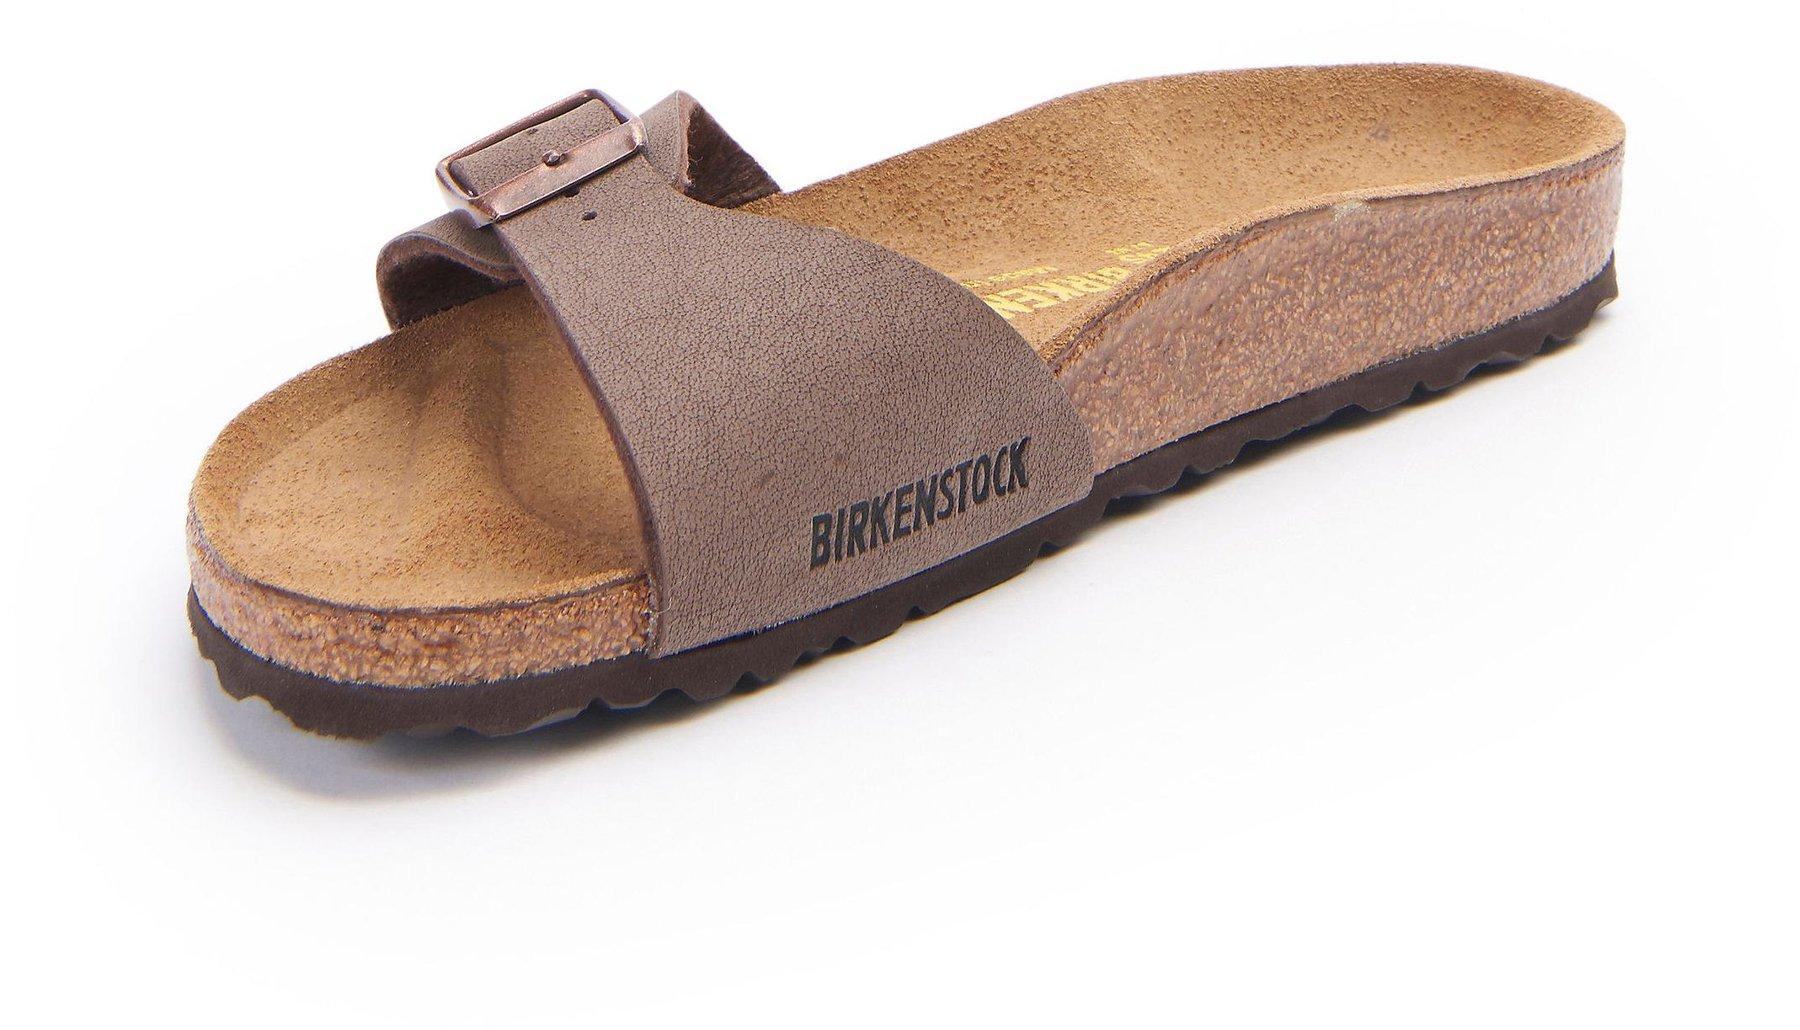 newest 28f1c db8d9 Birkenstock Madrid Birko Flor mocca